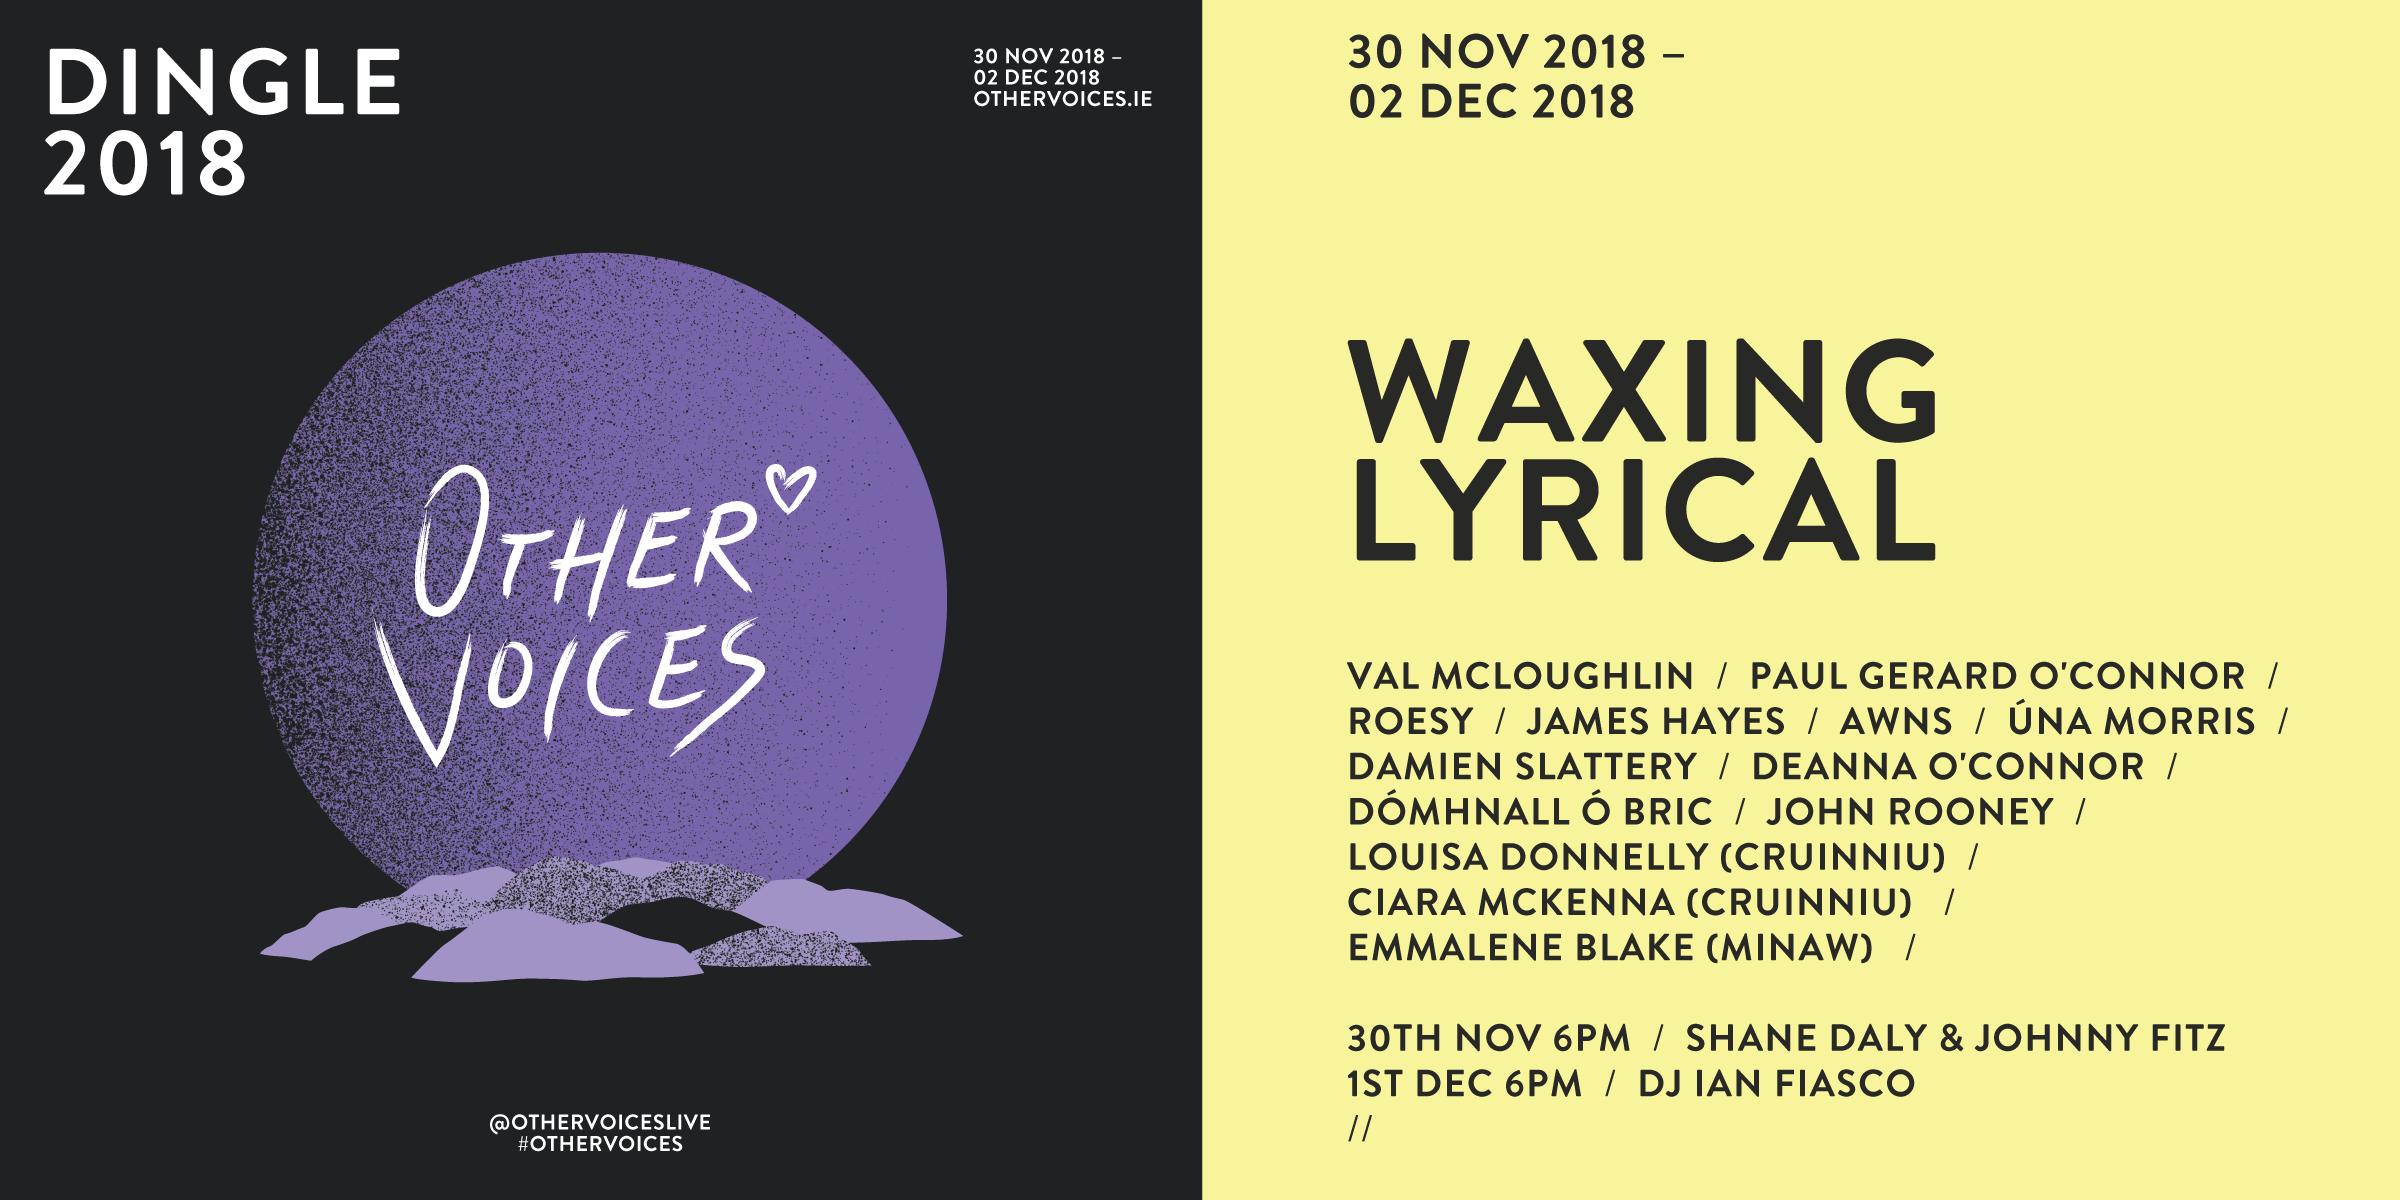 Waxing Lyrical - Dingle 2018